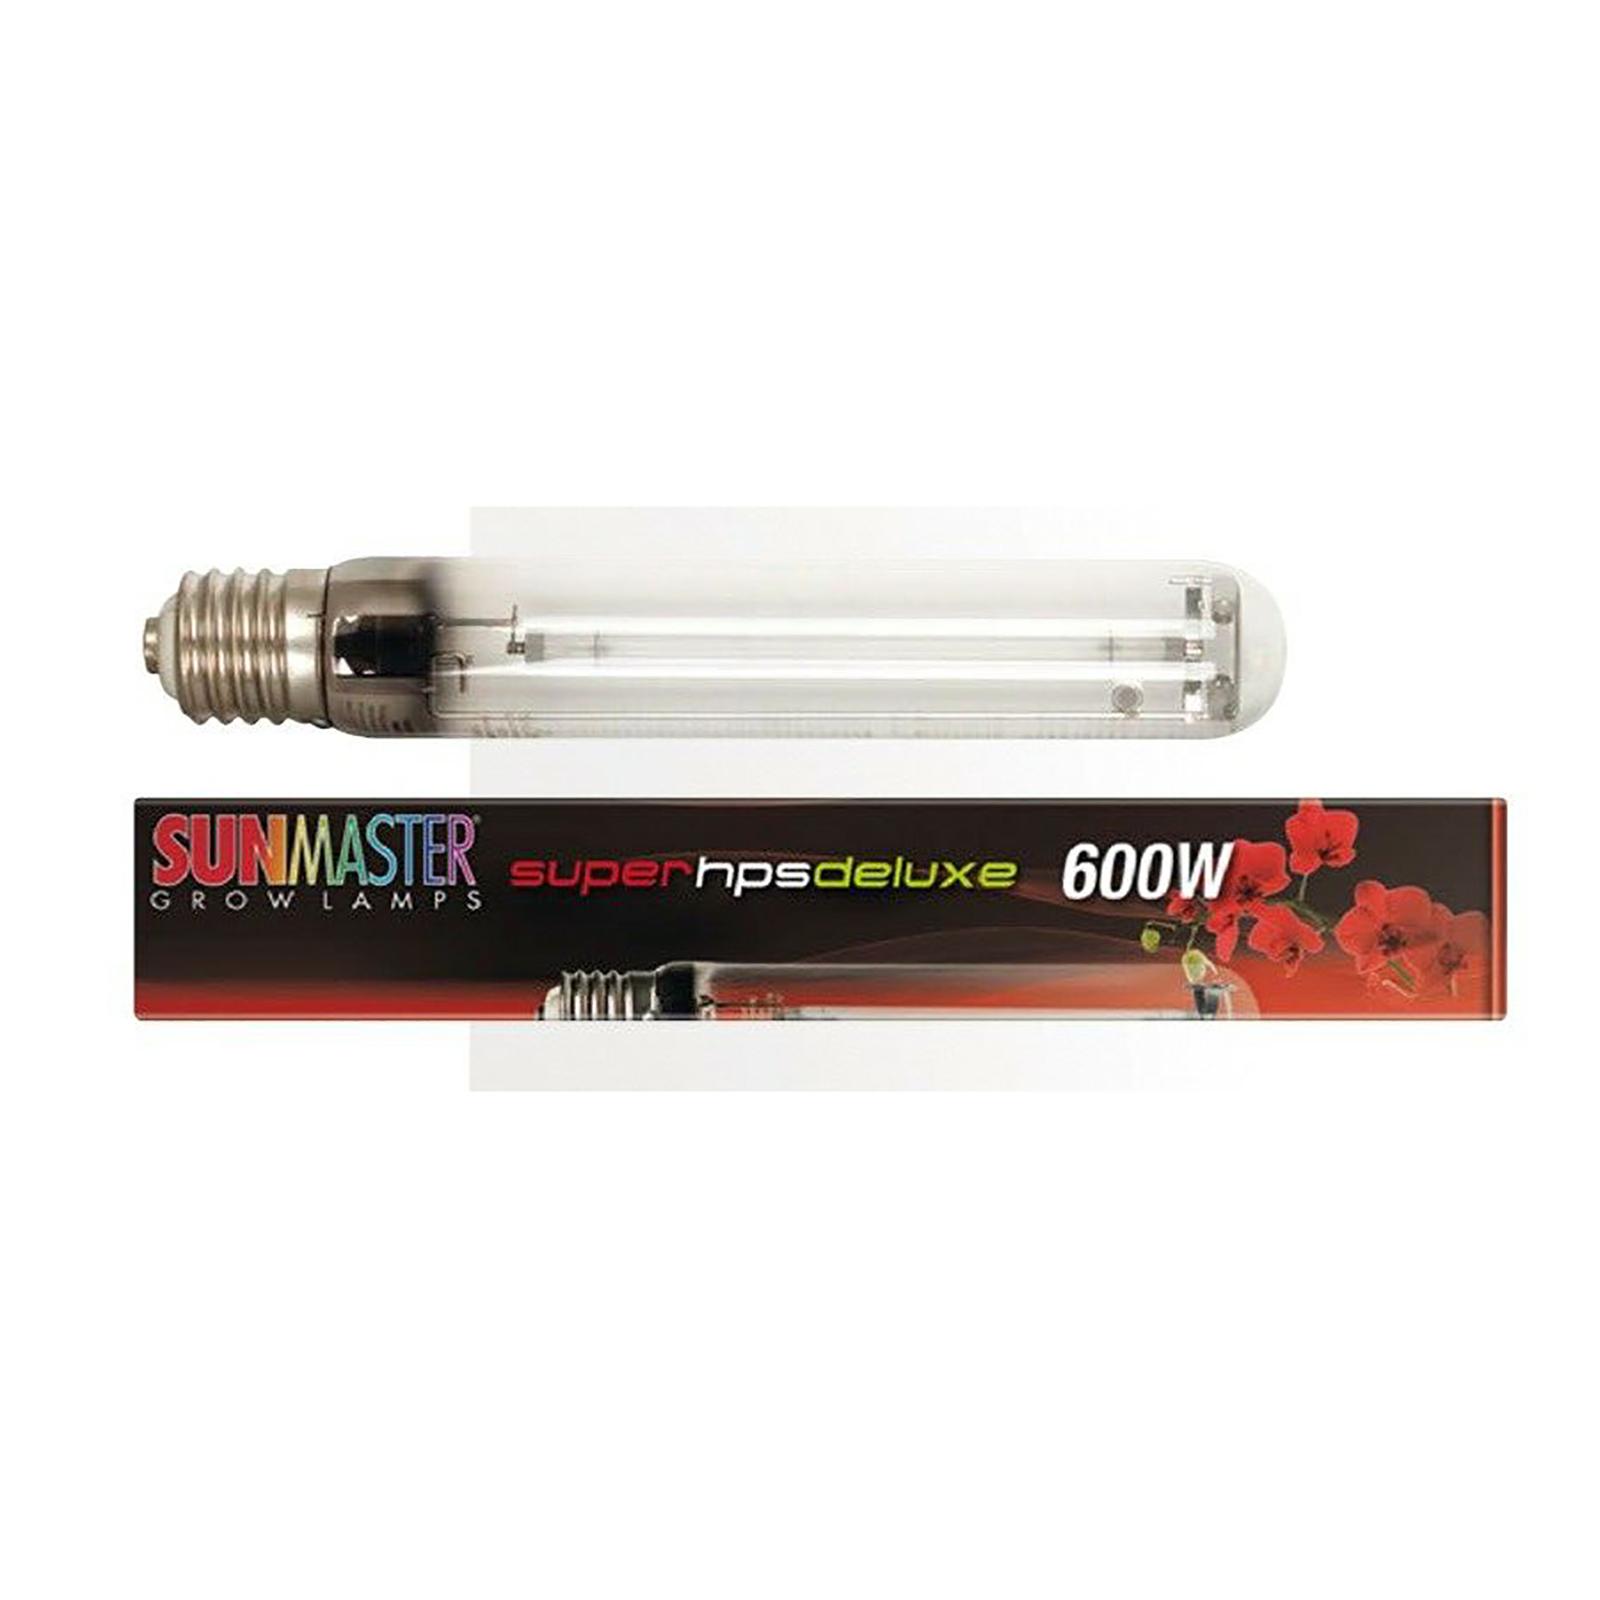 Sunmaster 600w Super HPS Deluxe Grow Lamp Bulb